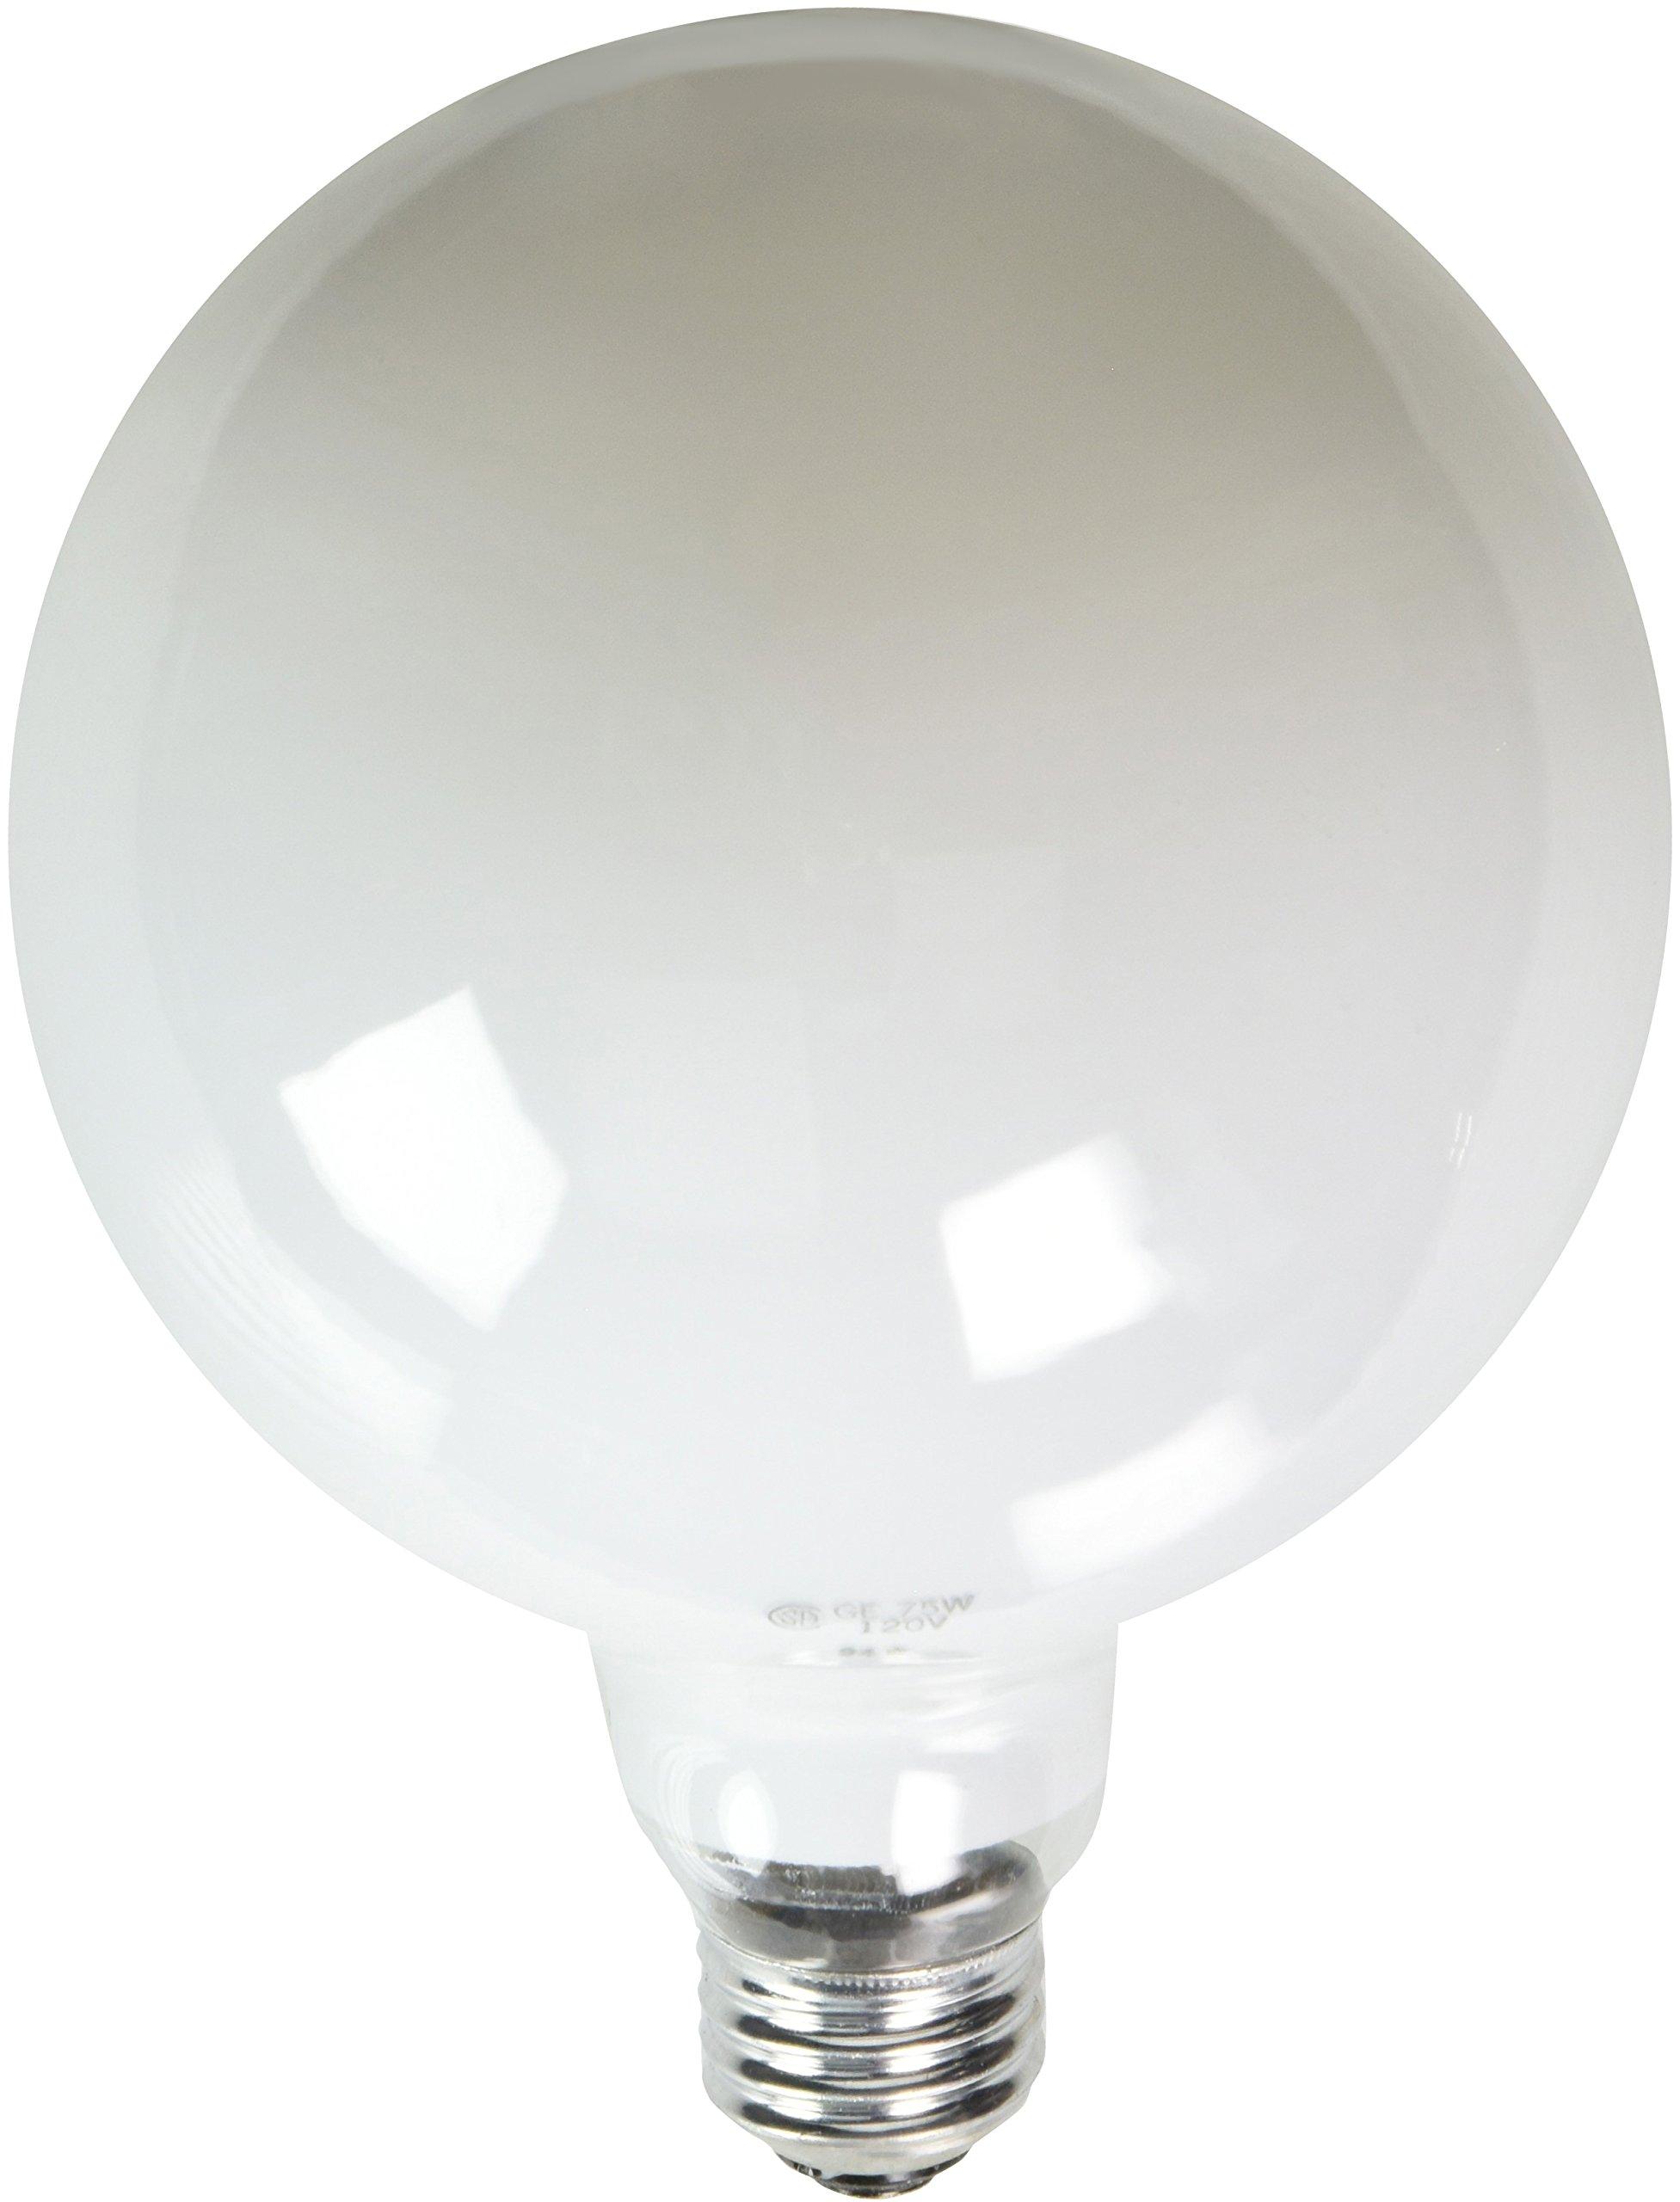 GE Lighting 36193 75-Watt G40 Globe Bulb Soft White Globe Light, 6-Pack